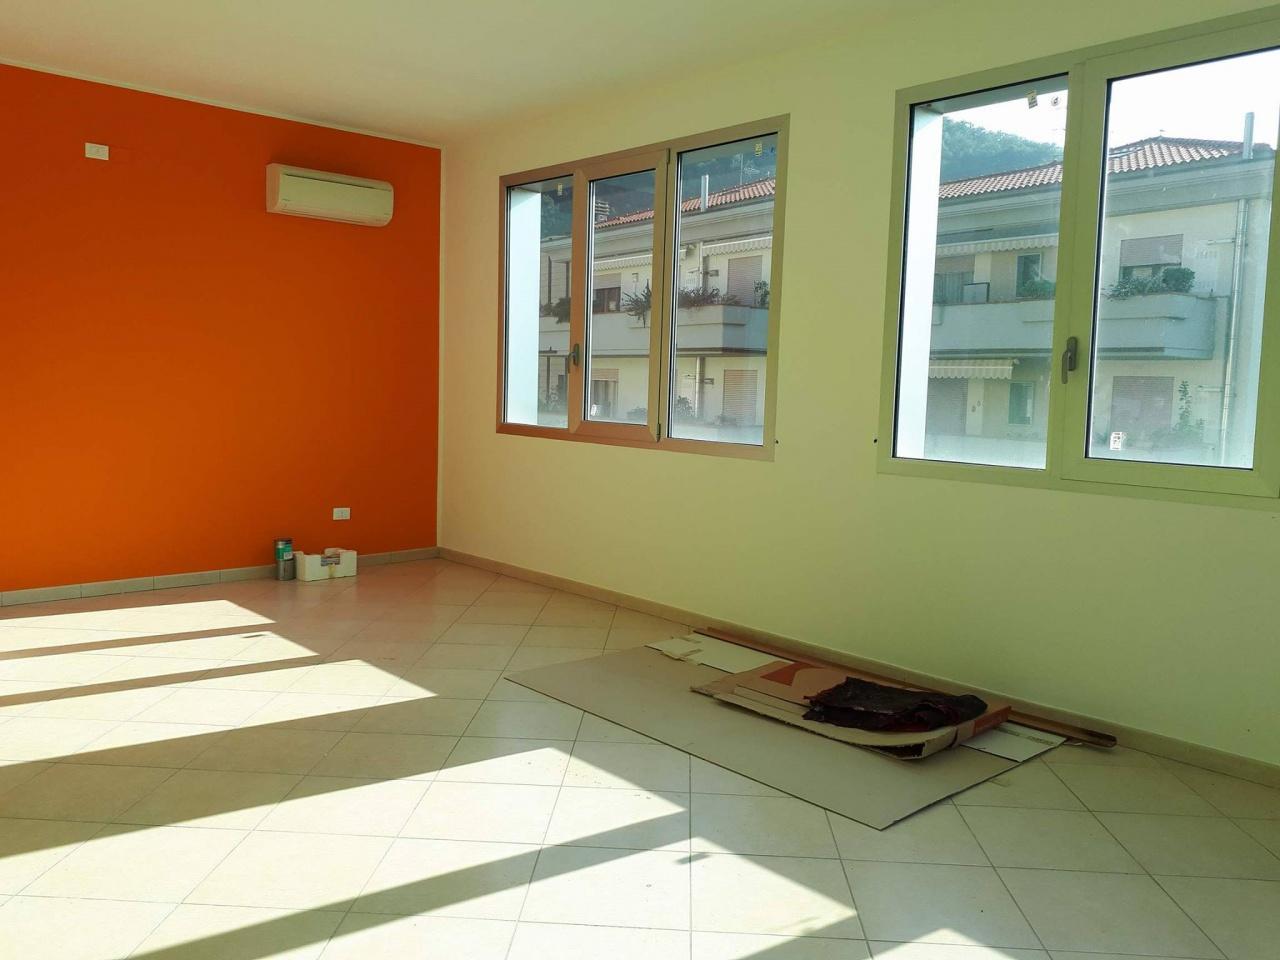 Ufficio / Studio in vendita a Cantagallo, 9999 locali, prezzo € 55.000 | CambioCasa.it